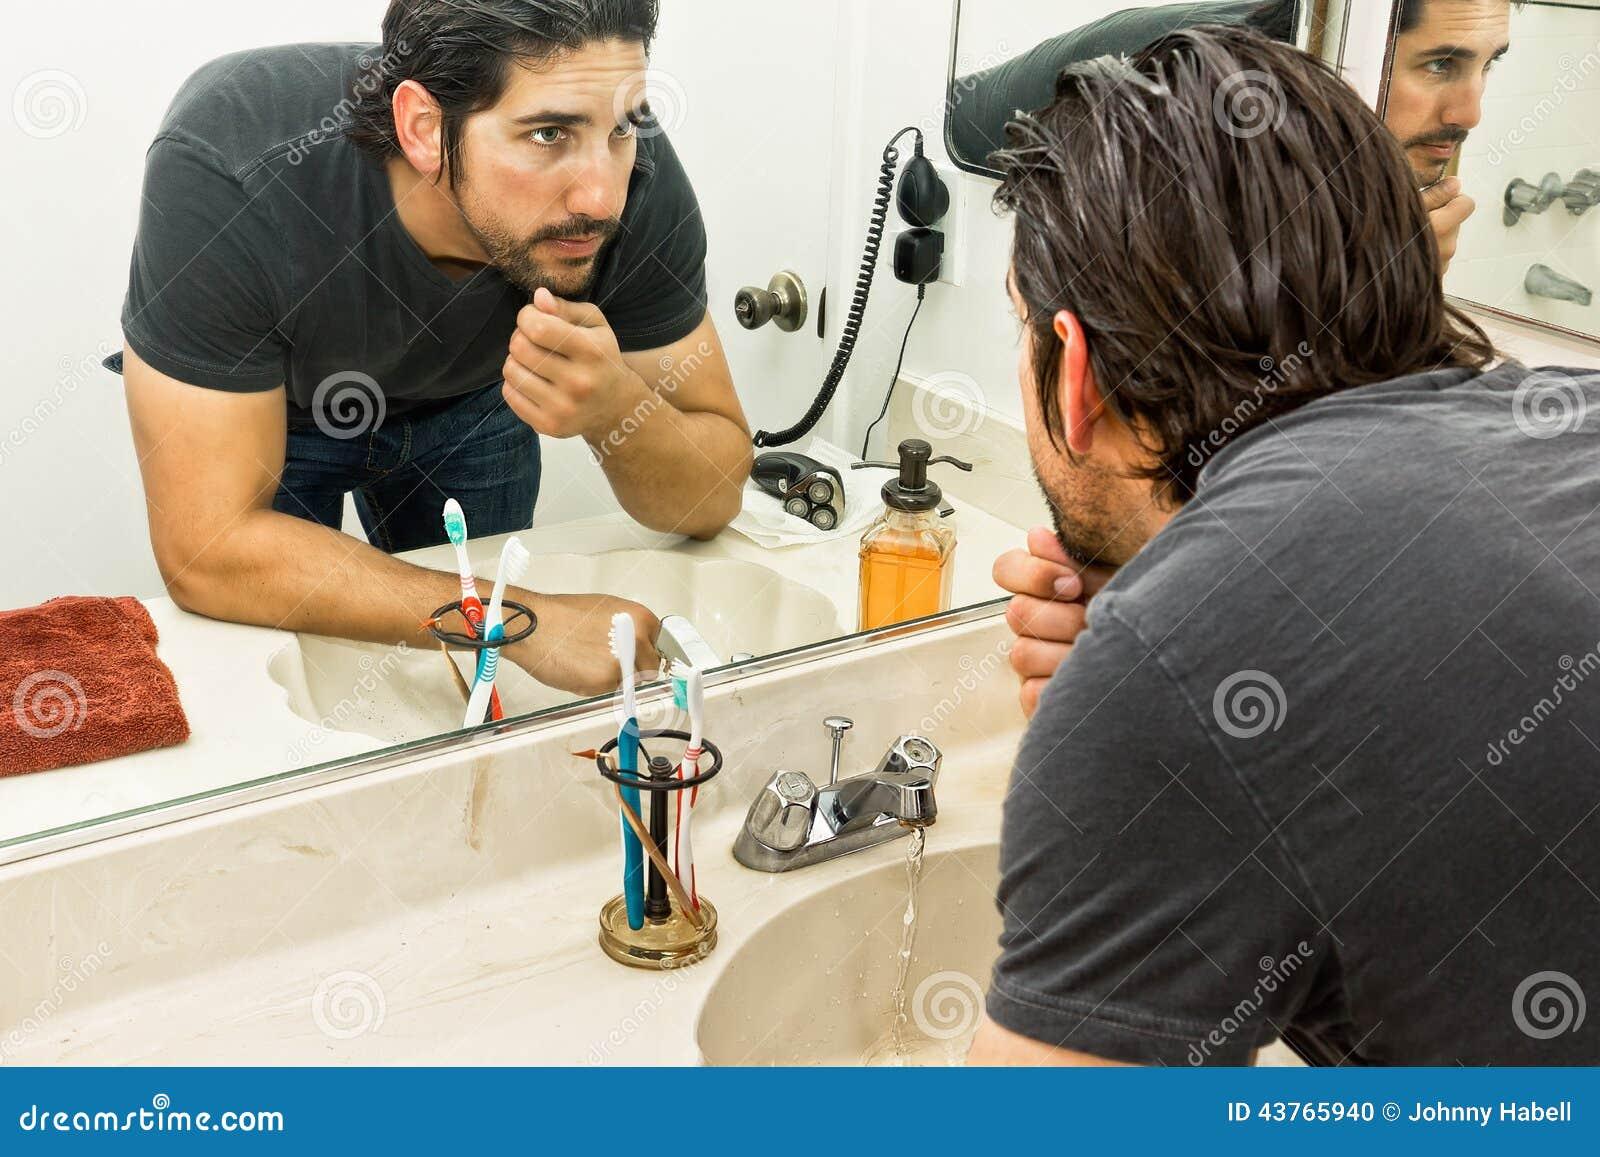 homme dans la salle de bains photo stock image du construction indoors 43765940. Black Bedroom Furniture Sets. Home Design Ideas